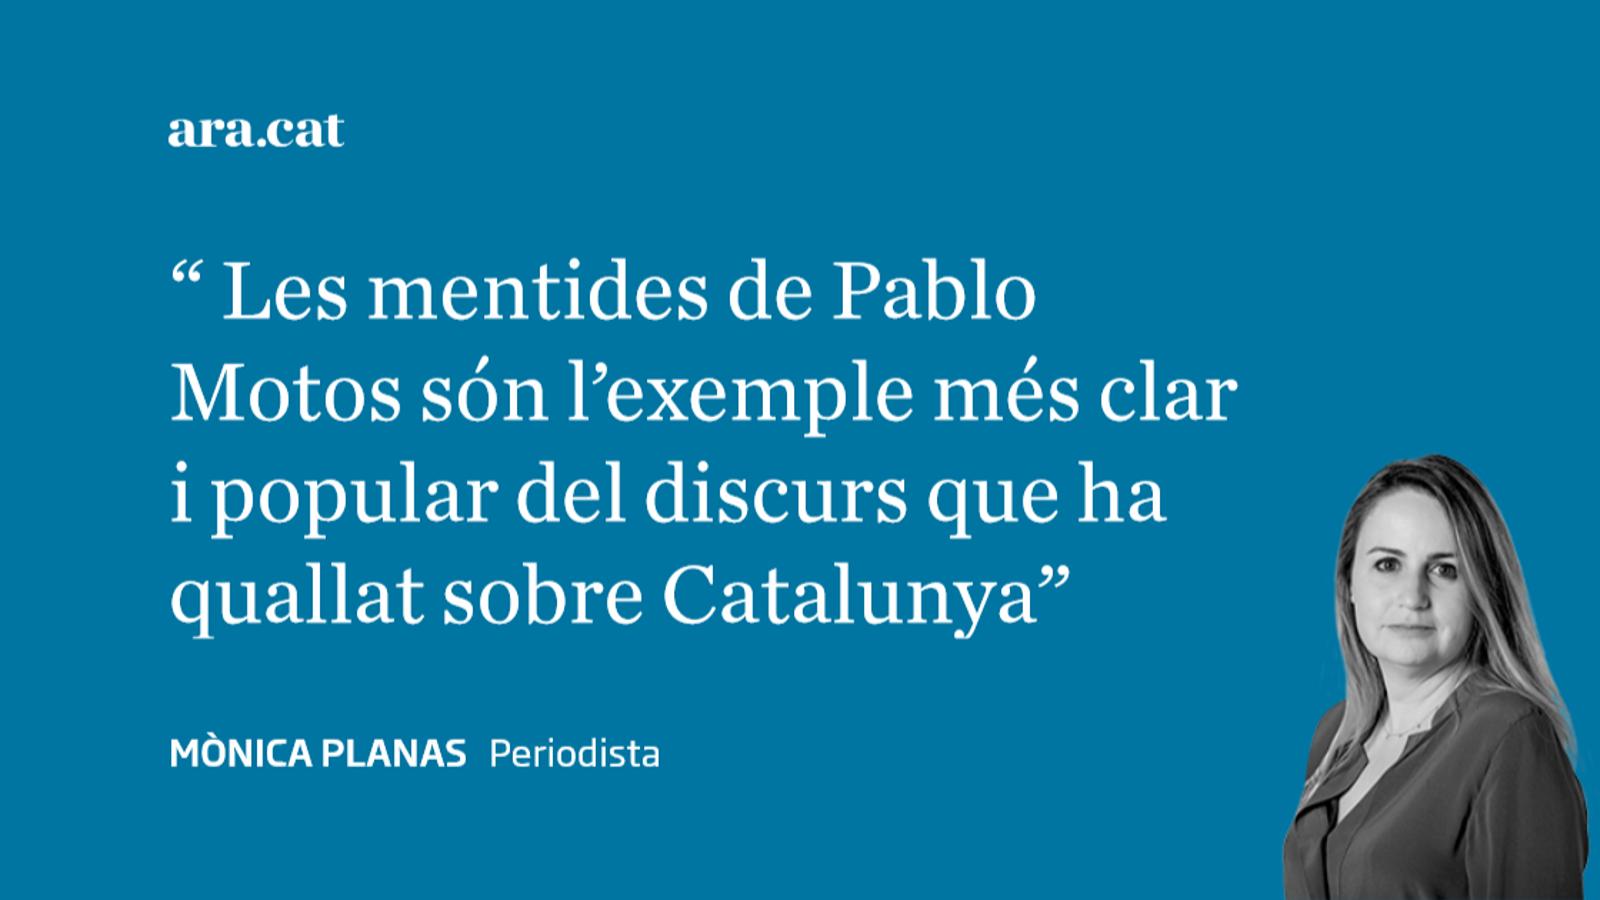 Les mentides de Pablo Motos